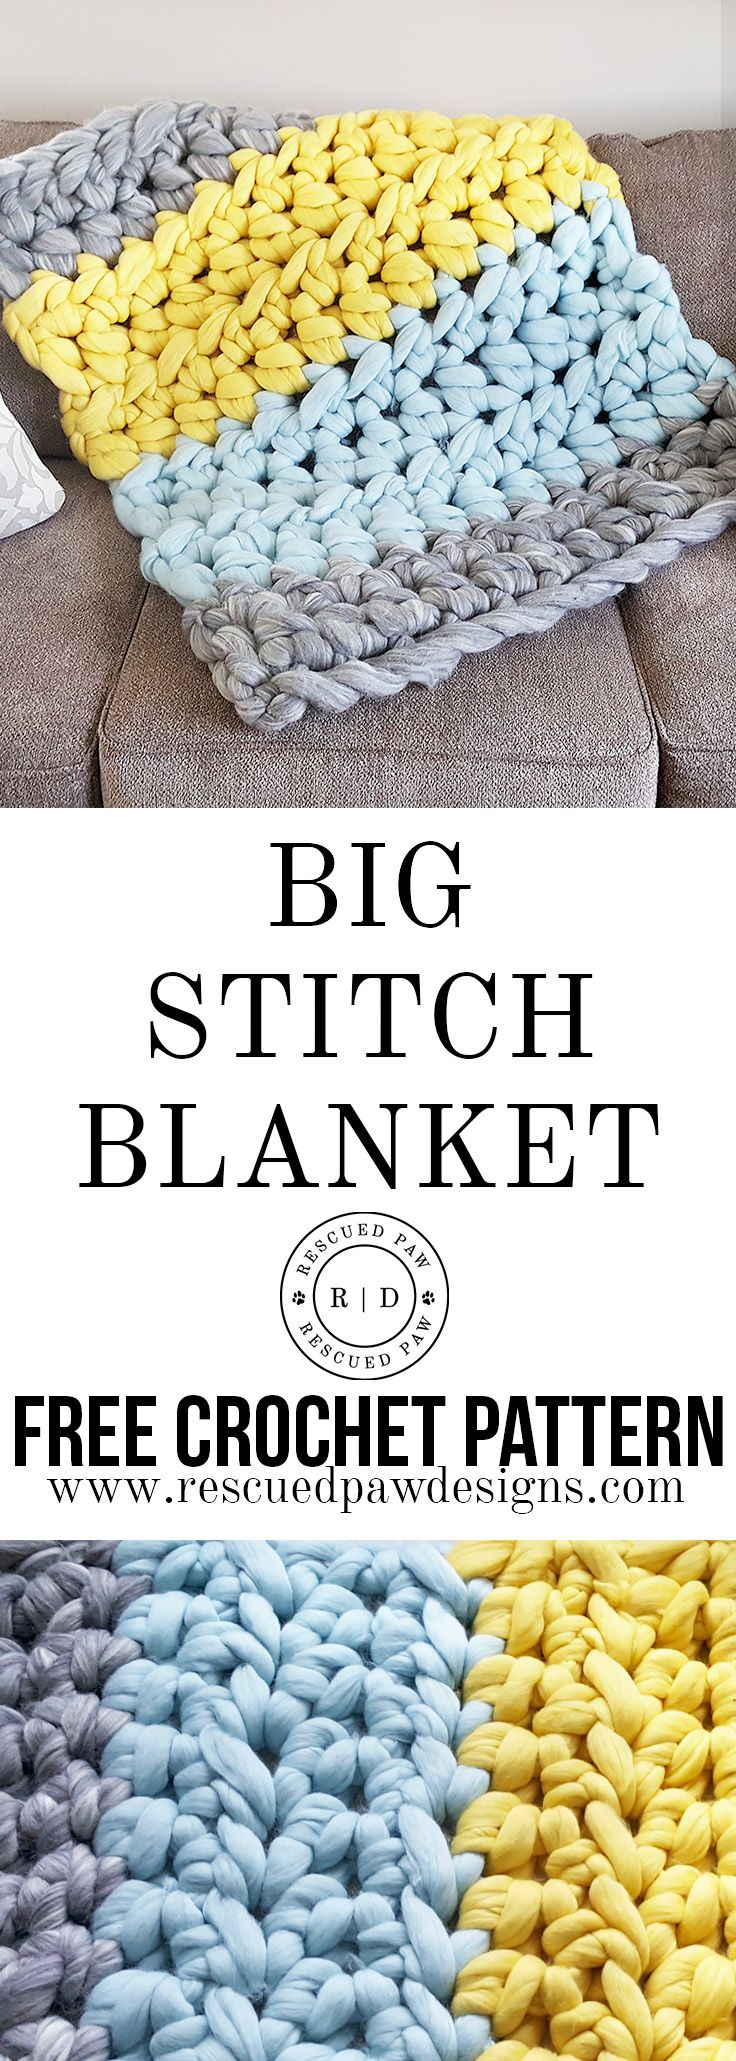 273 mejores imágenes de Crochet en Pinterest